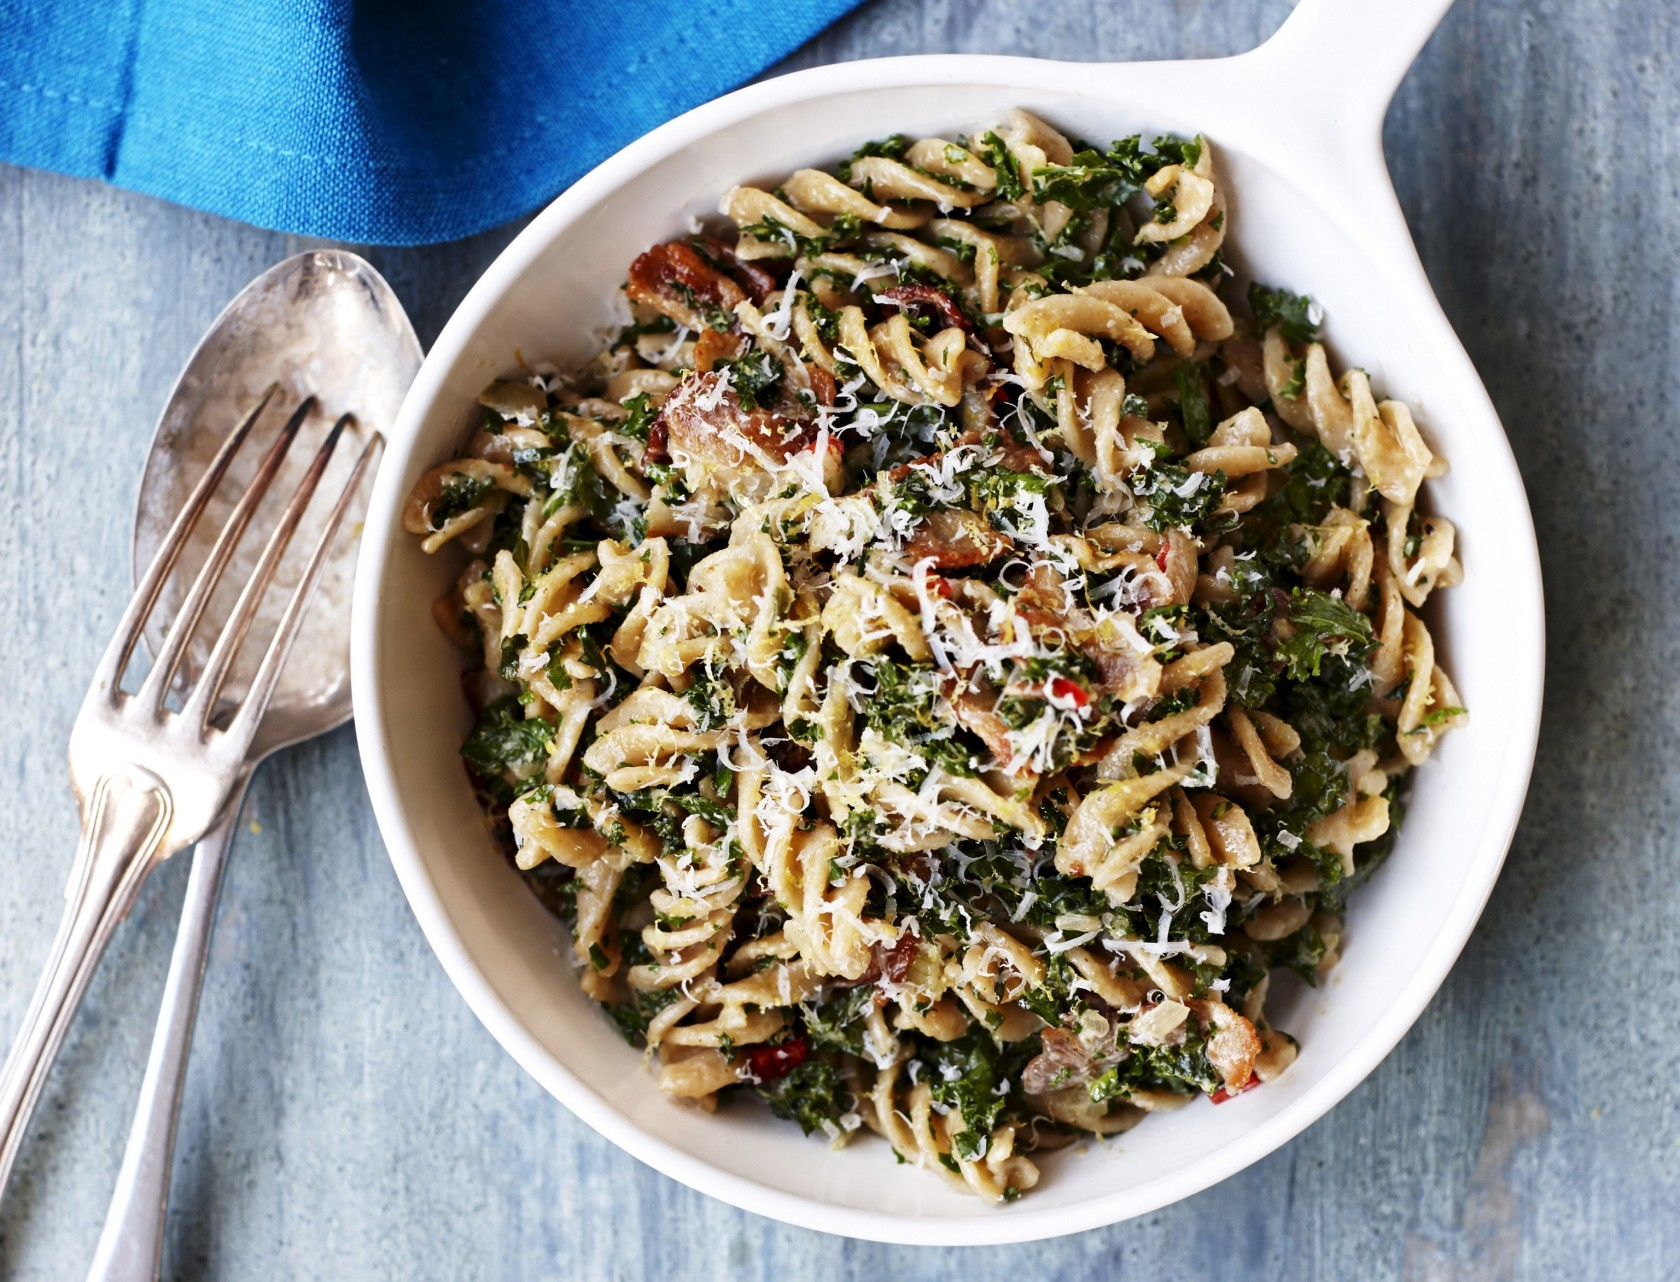 Pasta, pancetta, fløde og parmesan - og så en god håndfuld grønkål, så det hele balanceres på bedste vis.